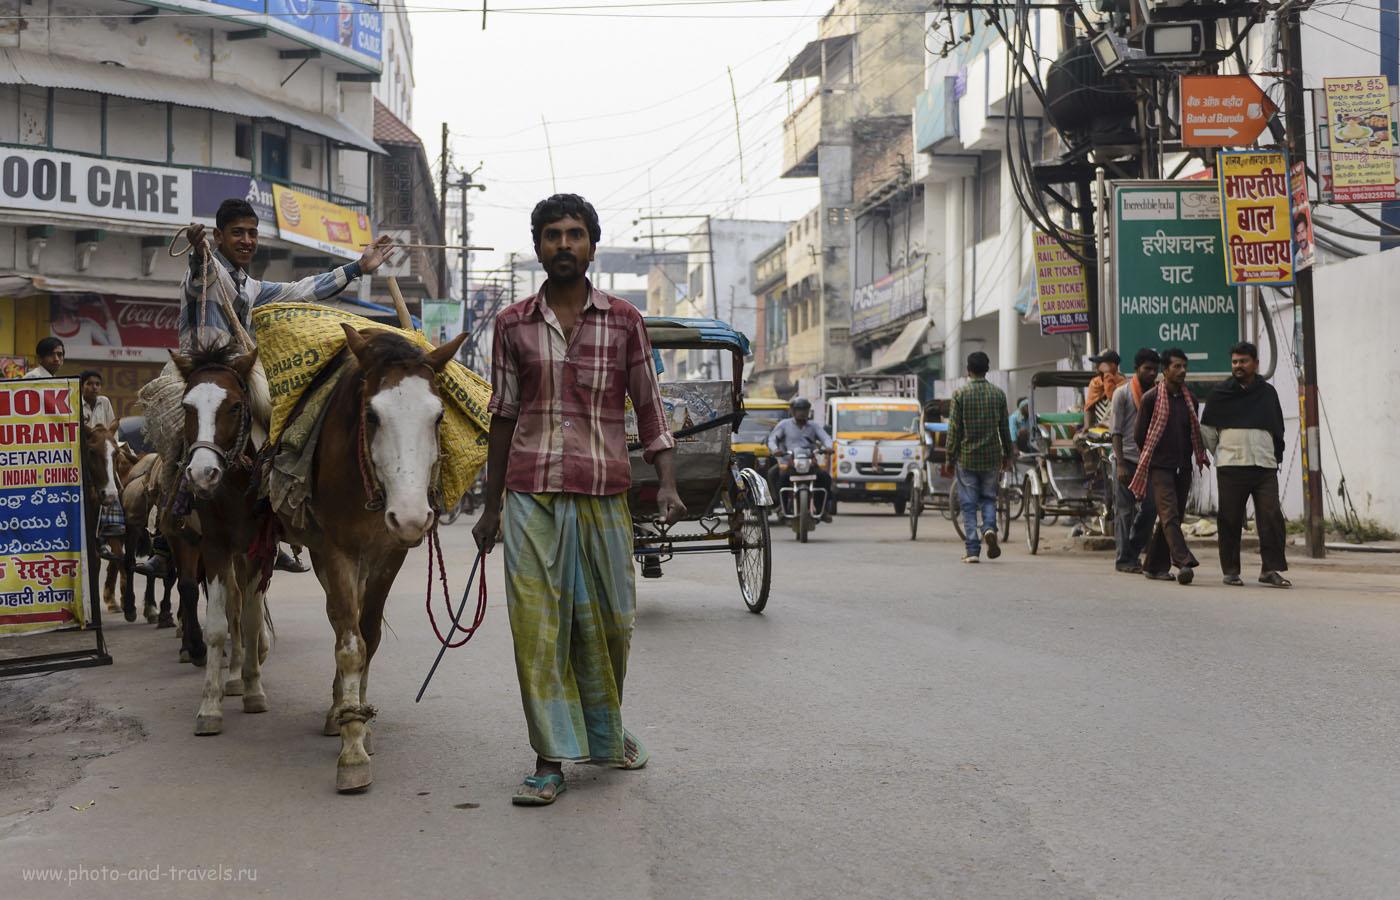 Фото 20. Путешествуя по Индии, вы встретите, чаще всего, доброжелательных, немножко наивных людей. Отчет о прогулке по Варанаси. 1/1000, 2.8, 250, 35.